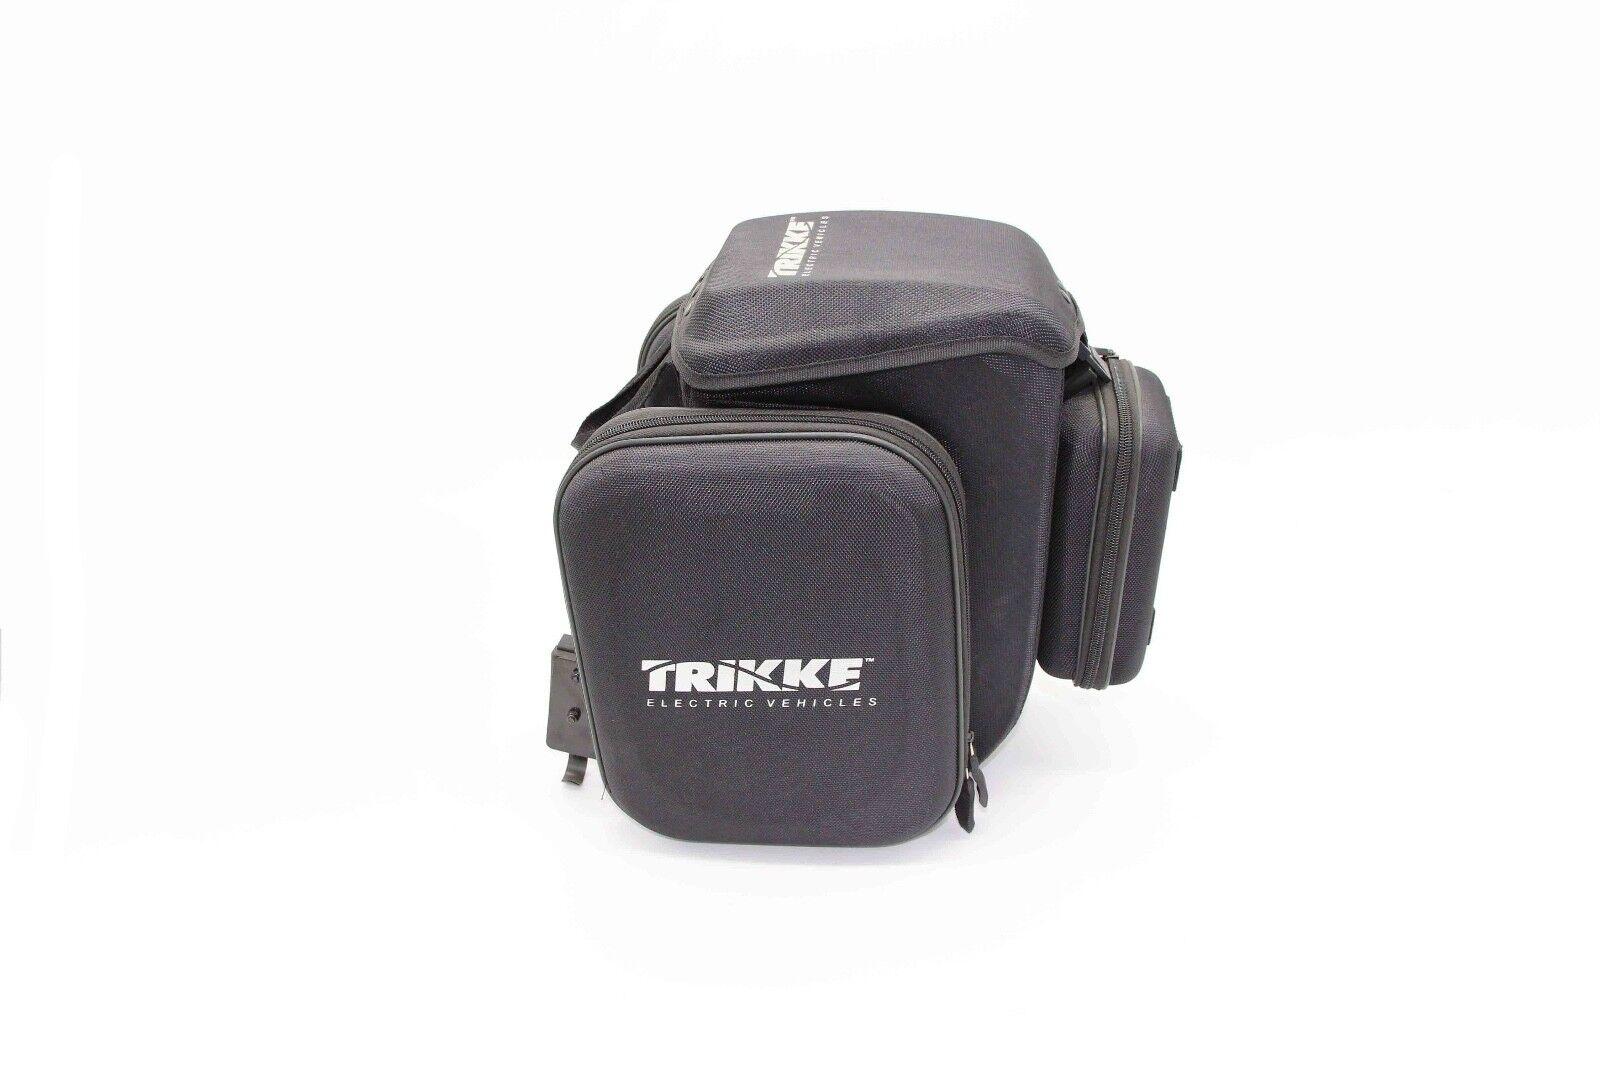 Tasche I Gear Gear Gear Bag für TRIKKE eV Scooter  | Günstige  6c1b48